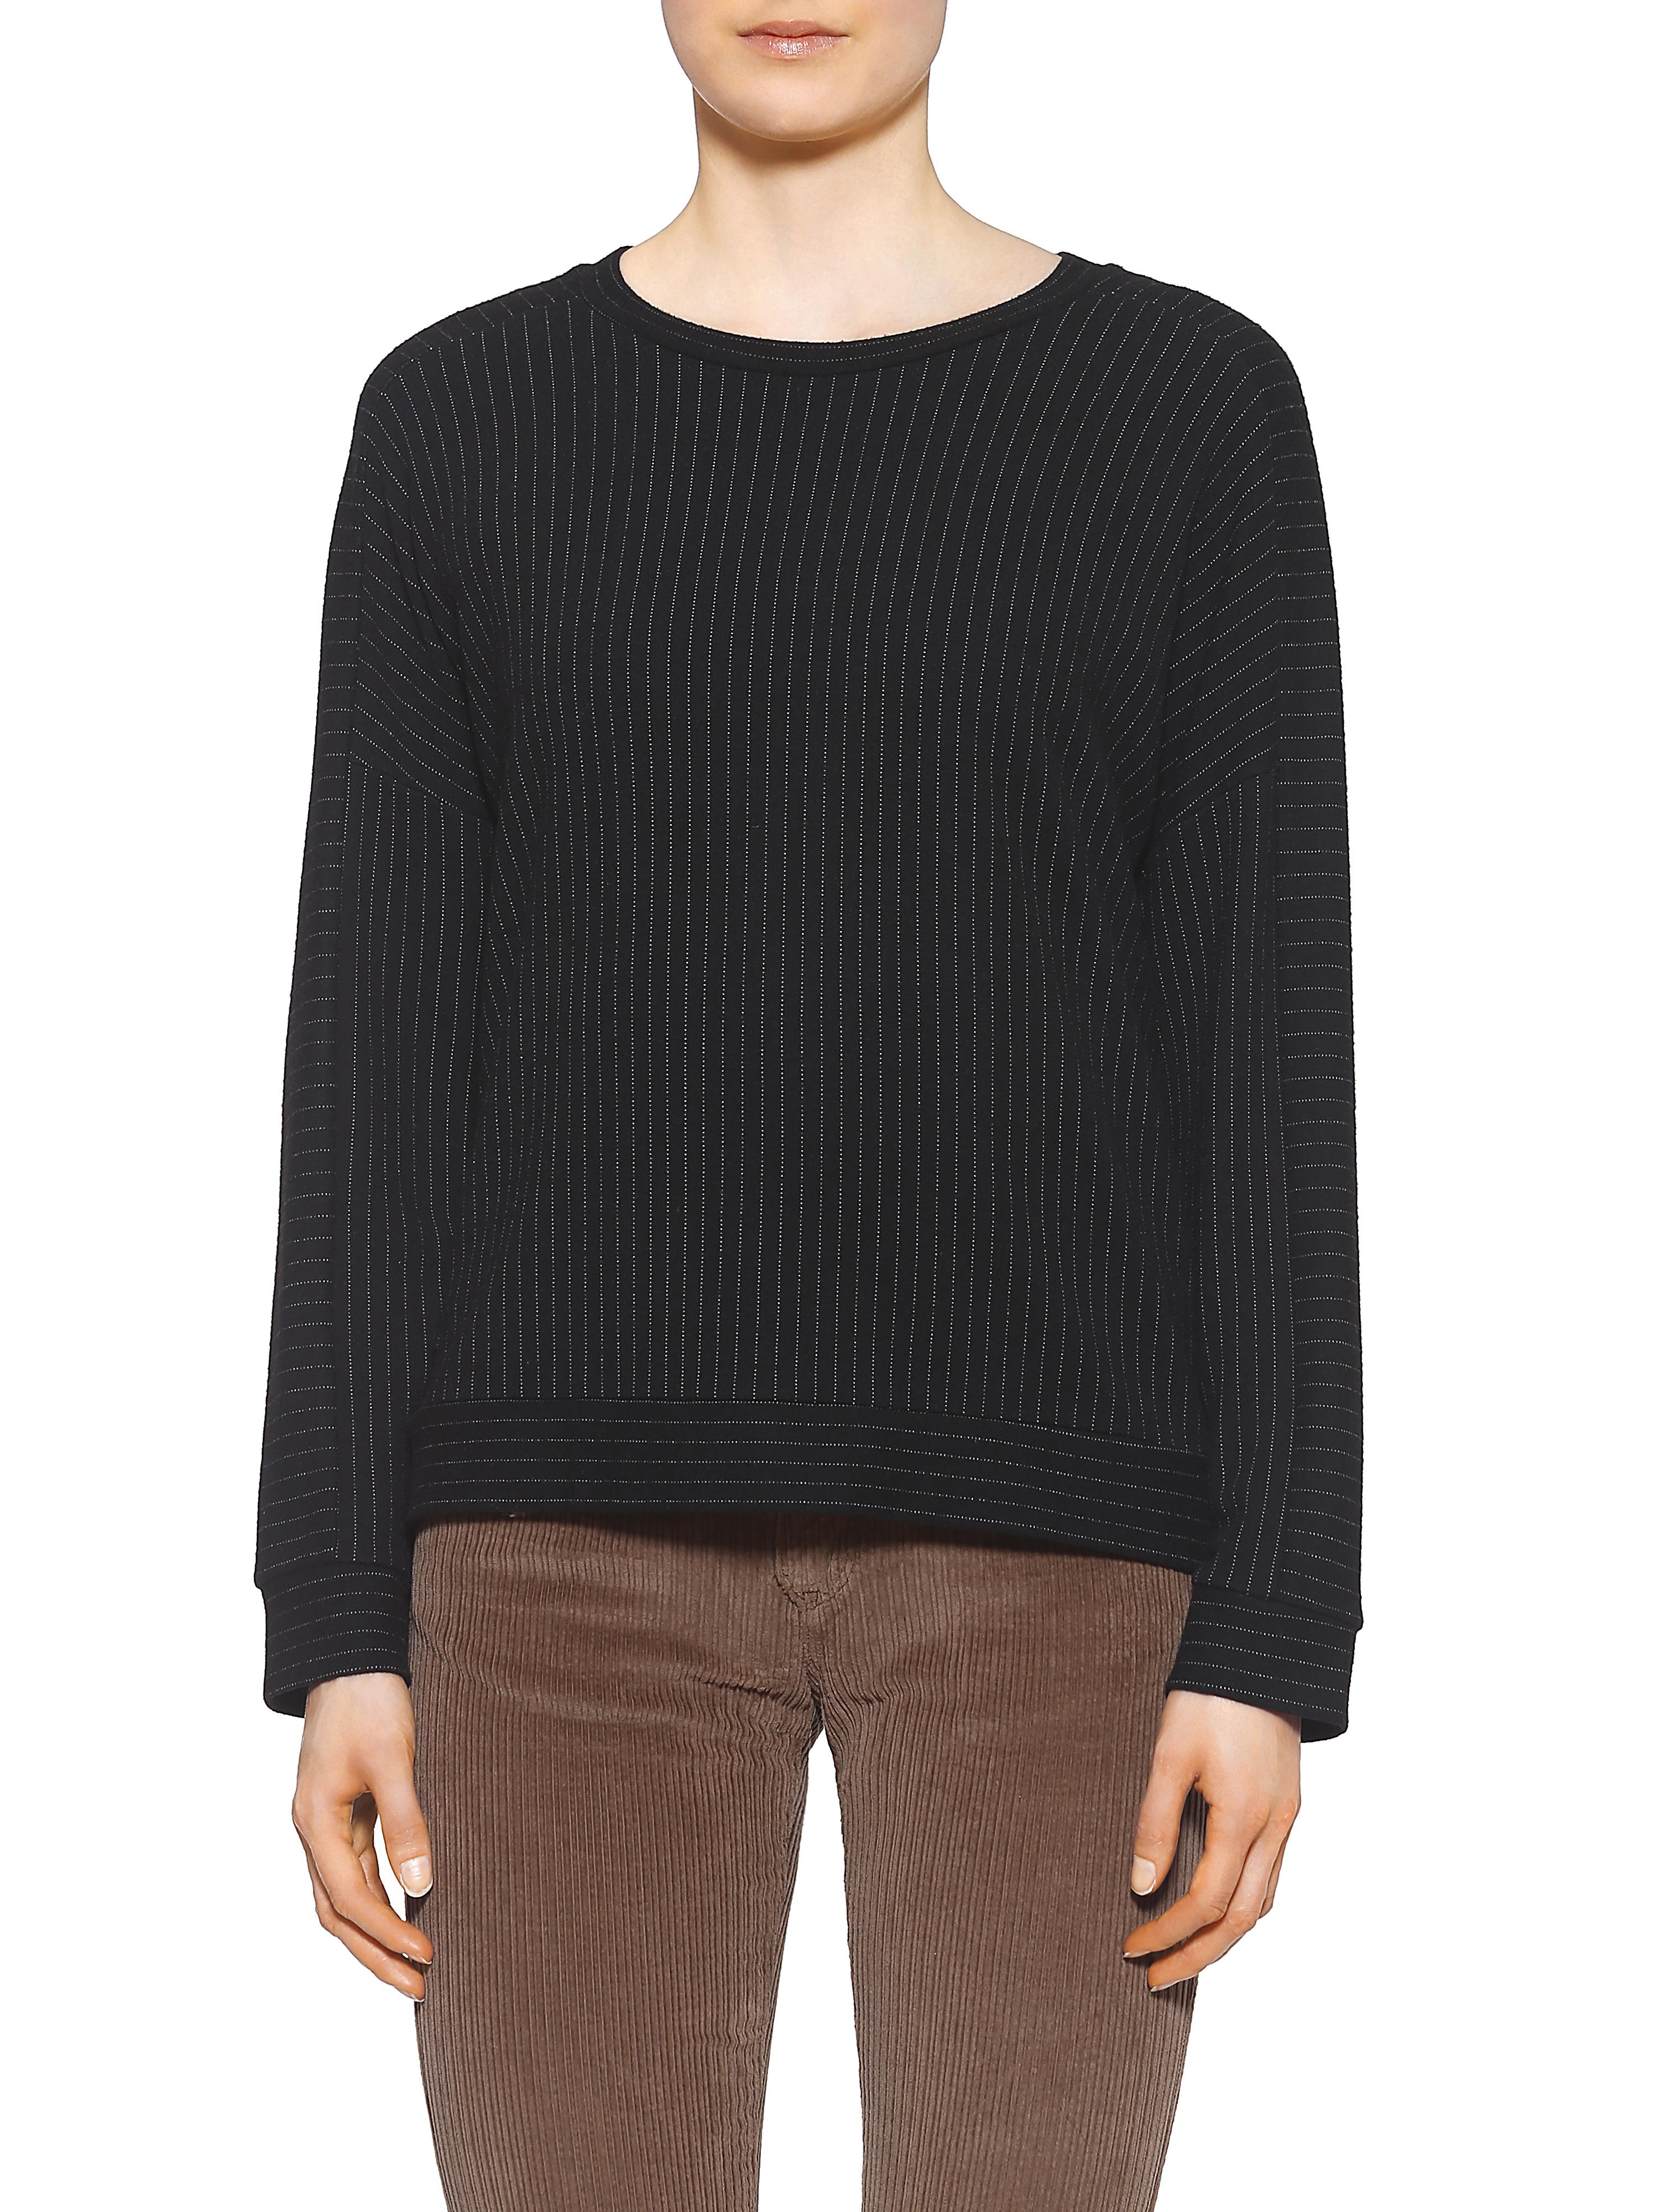 herrlicher -  Sweatshirt mit modischen Nadelstreifendesign